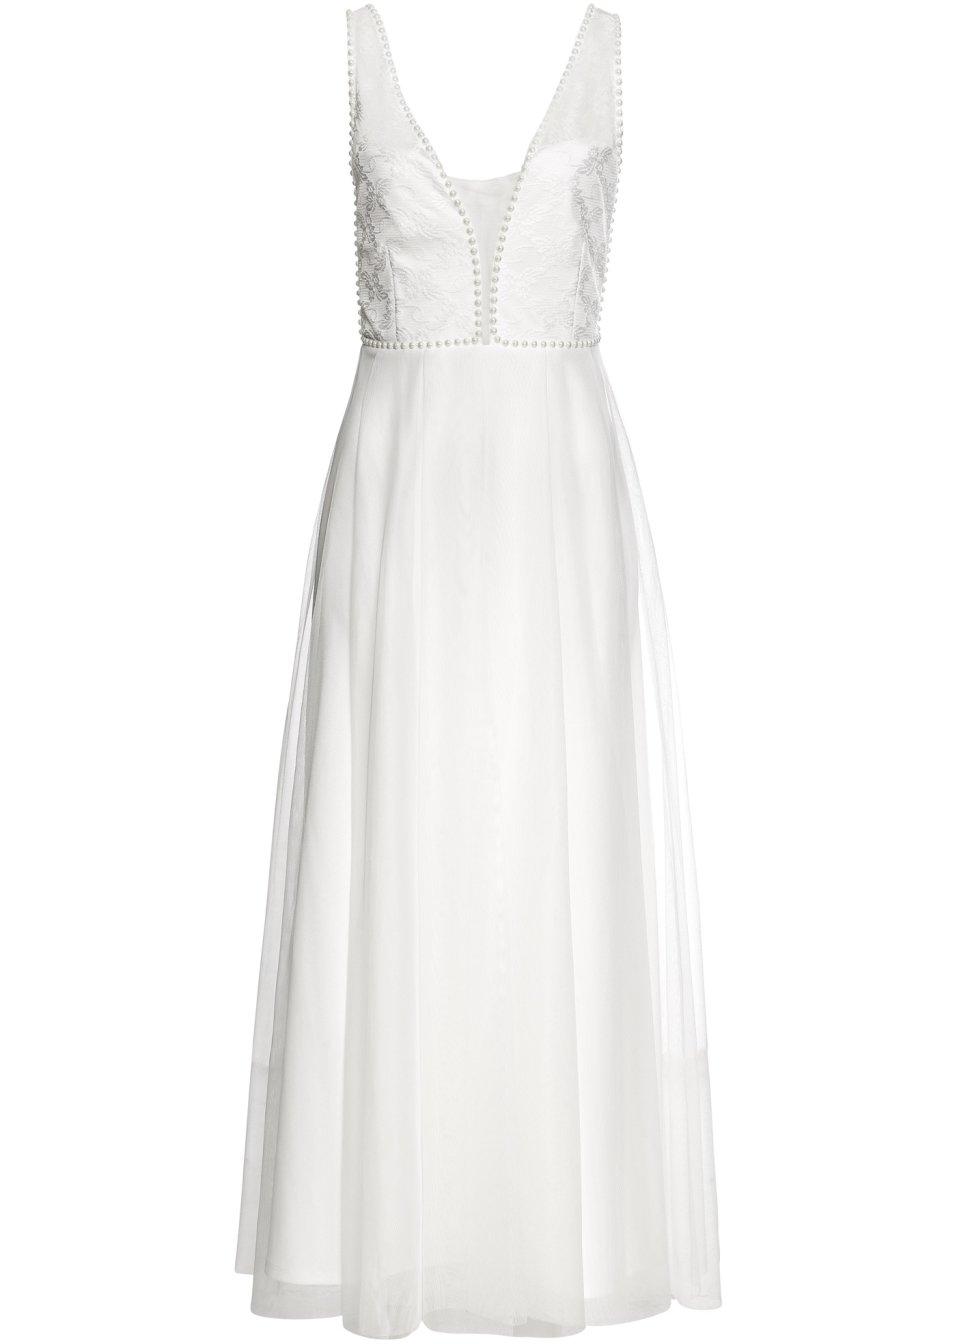 Brautkleid weiß - BODYFLIRT boutique online kaufen - bonprix.de BIYBO HTVmp